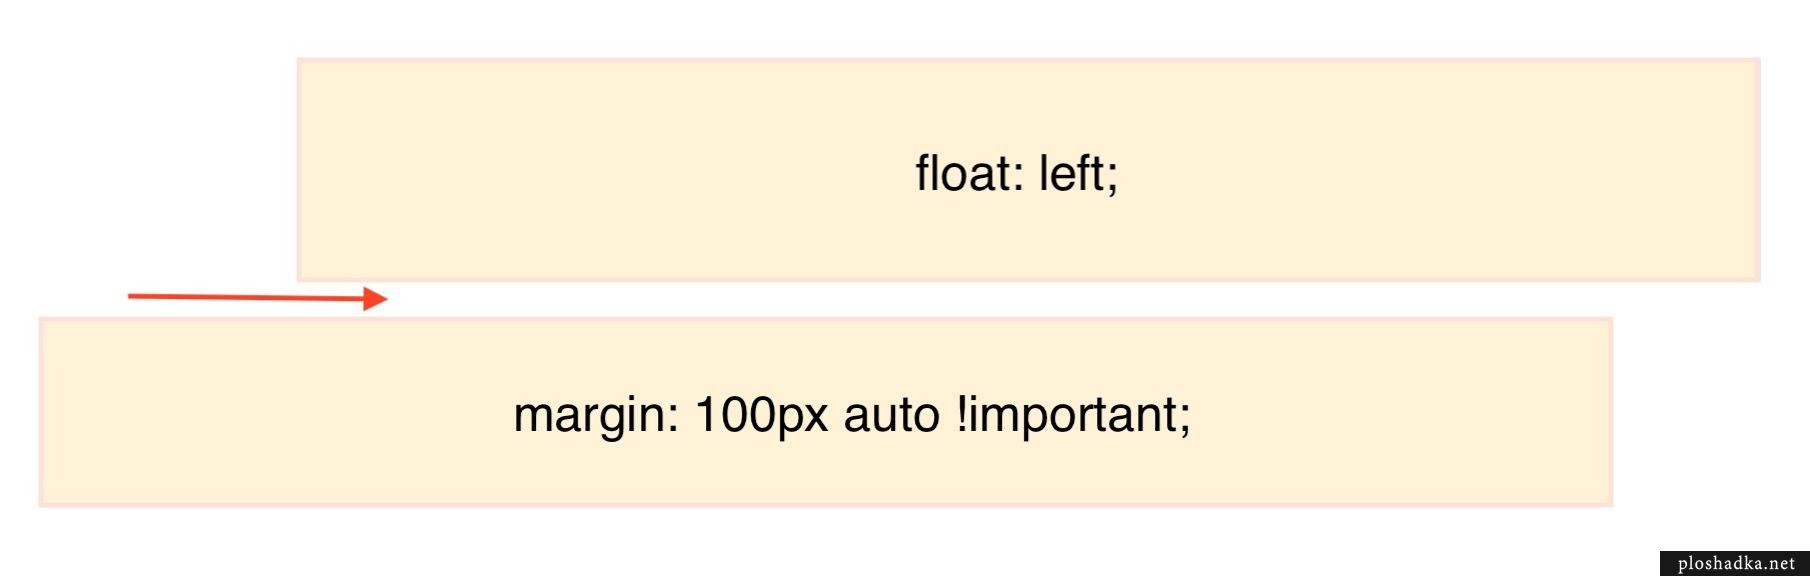 Как отступить сверху от элемента, у которого задан стиль float